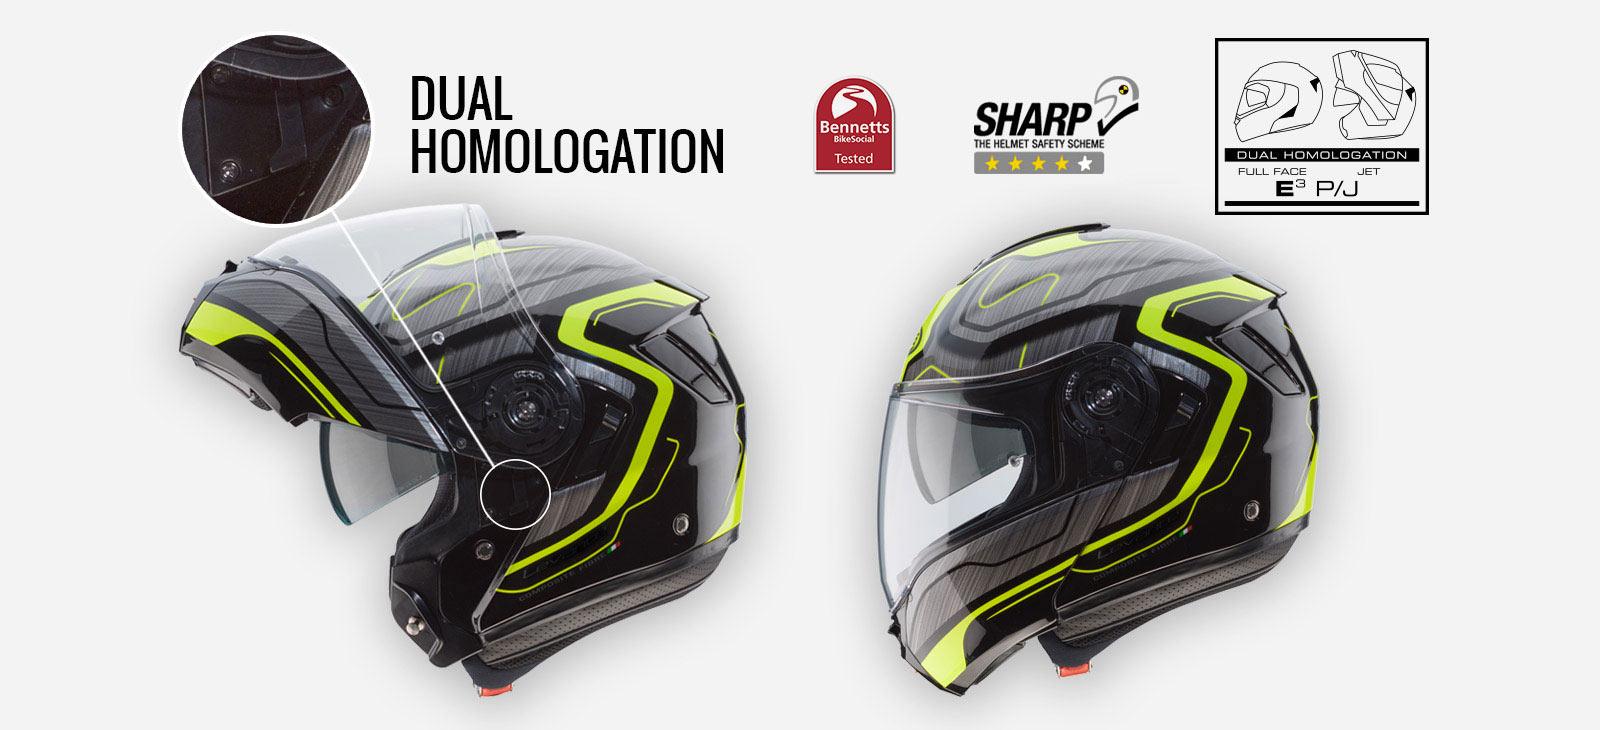 Helmet's features